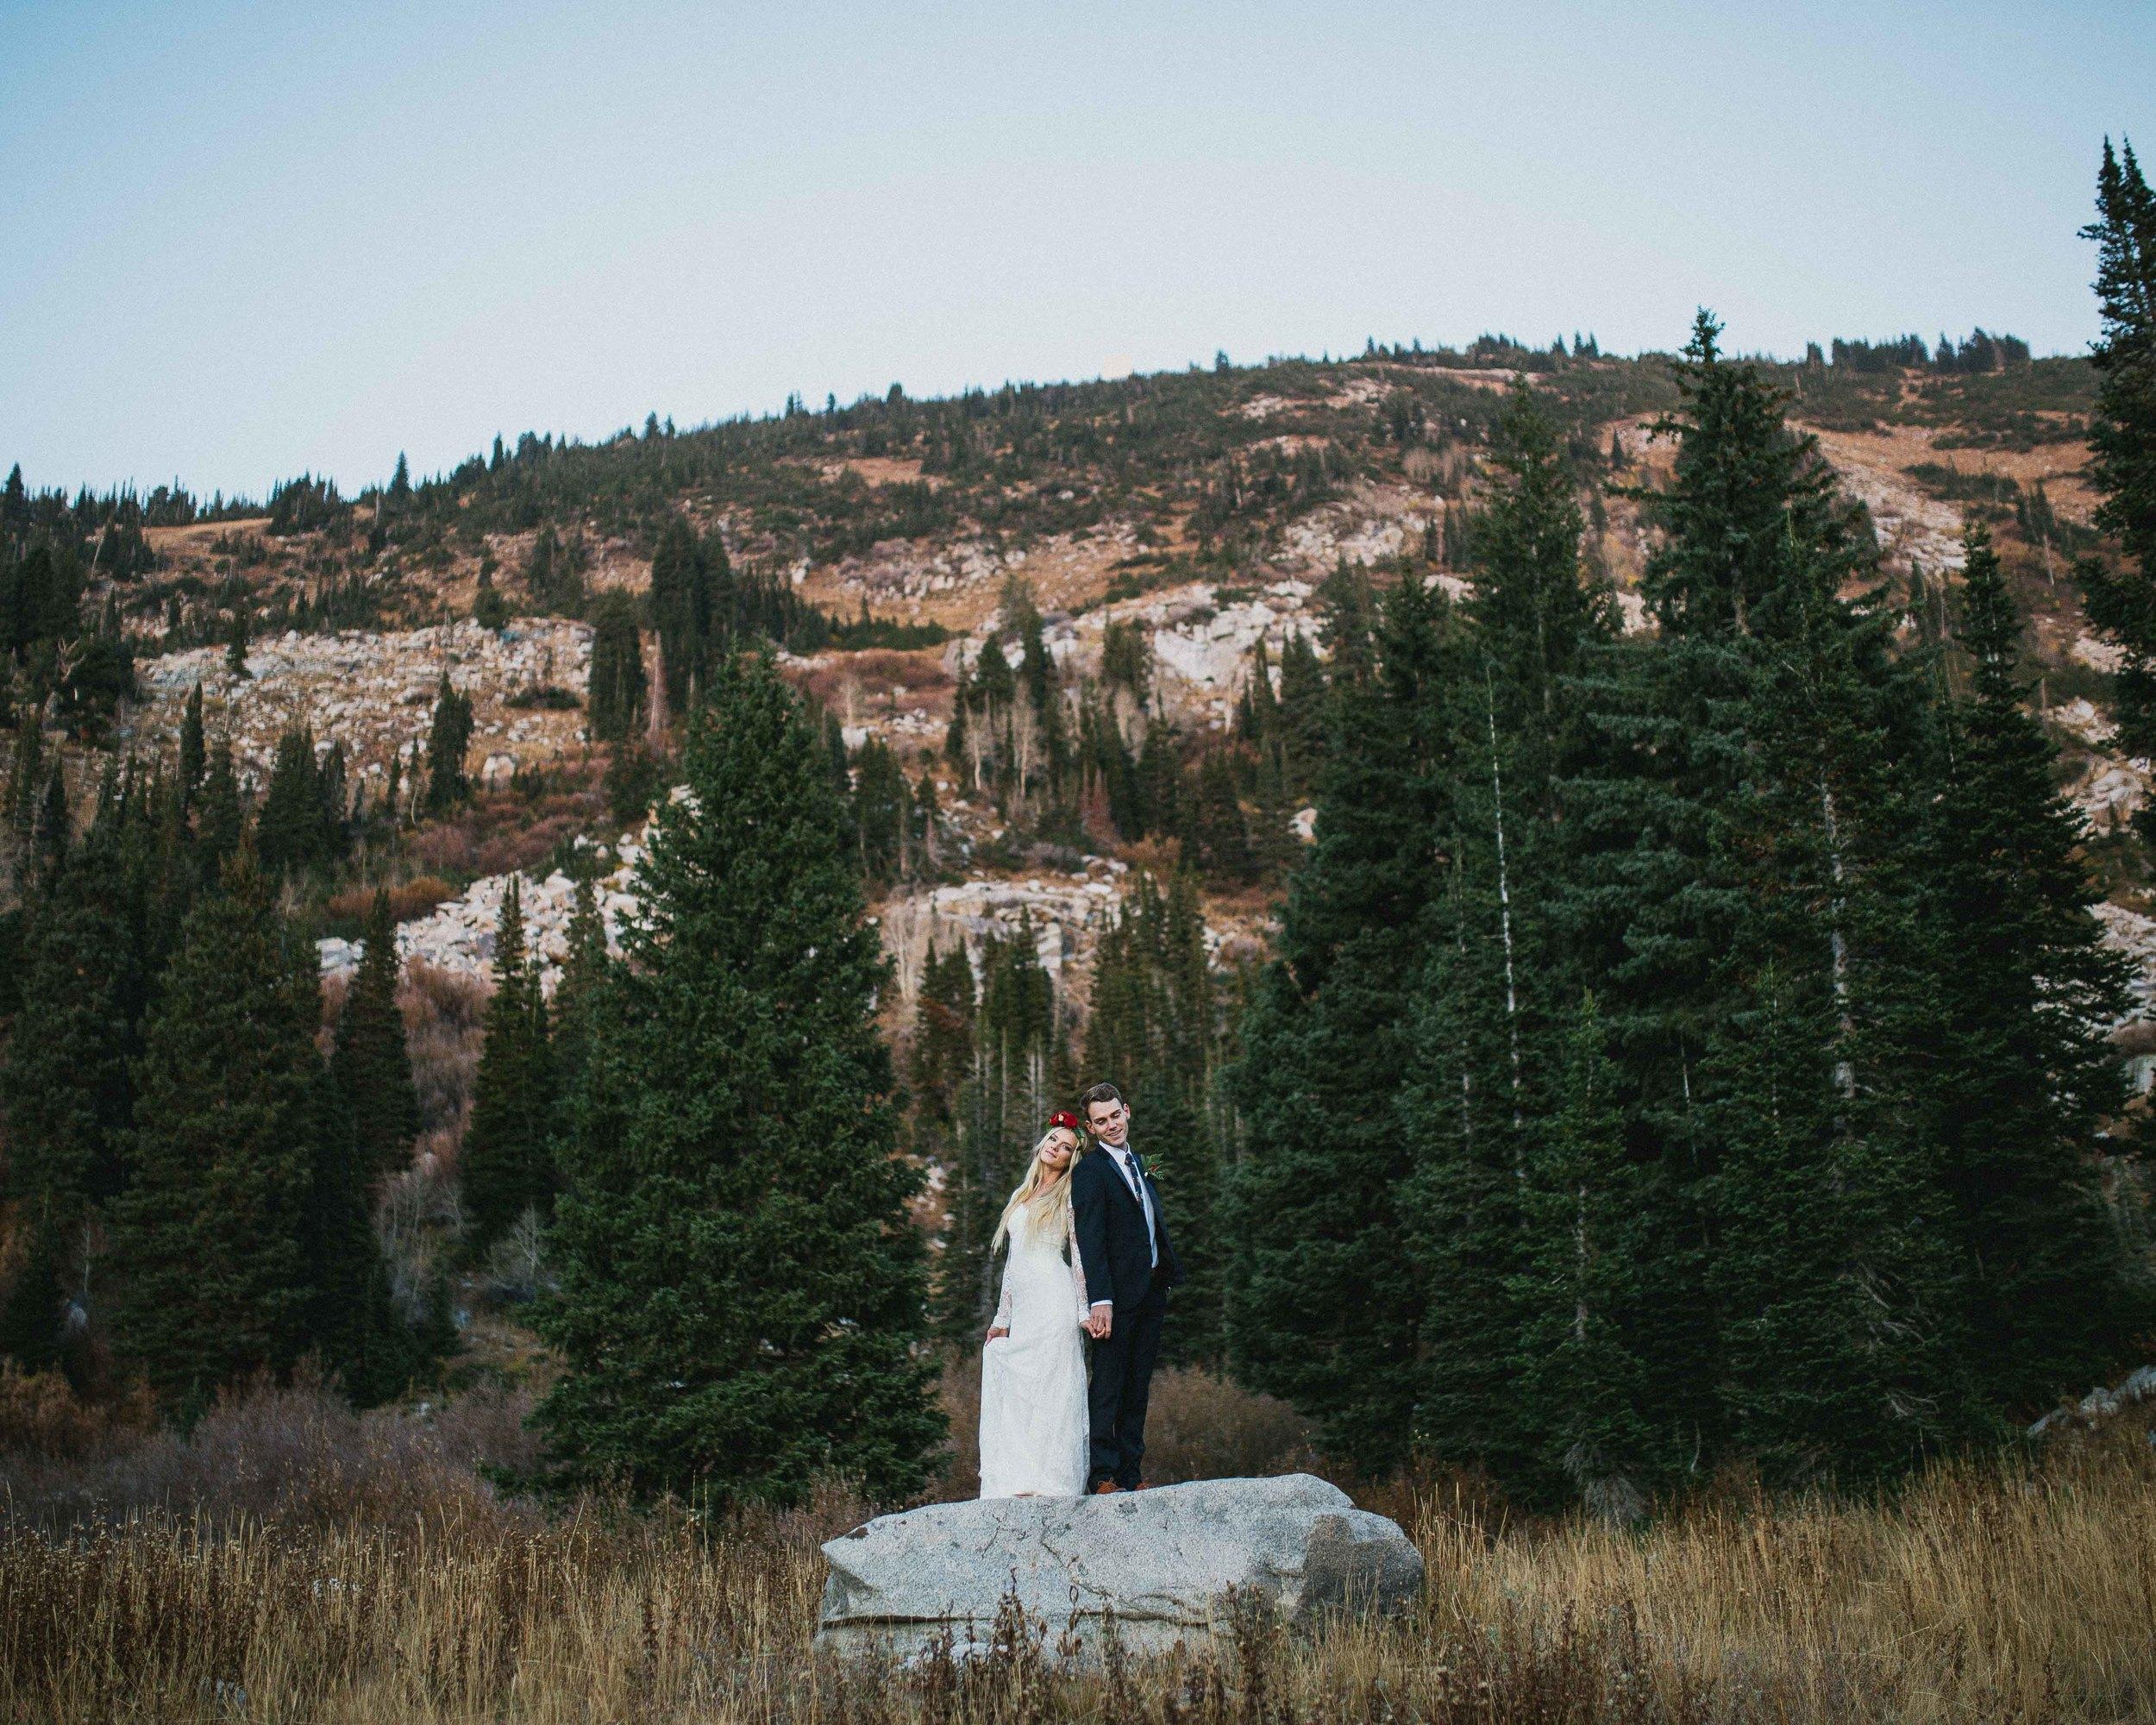 Utah-Salt-Lake-City-Utah-Wedding-Photographer-22.jpg